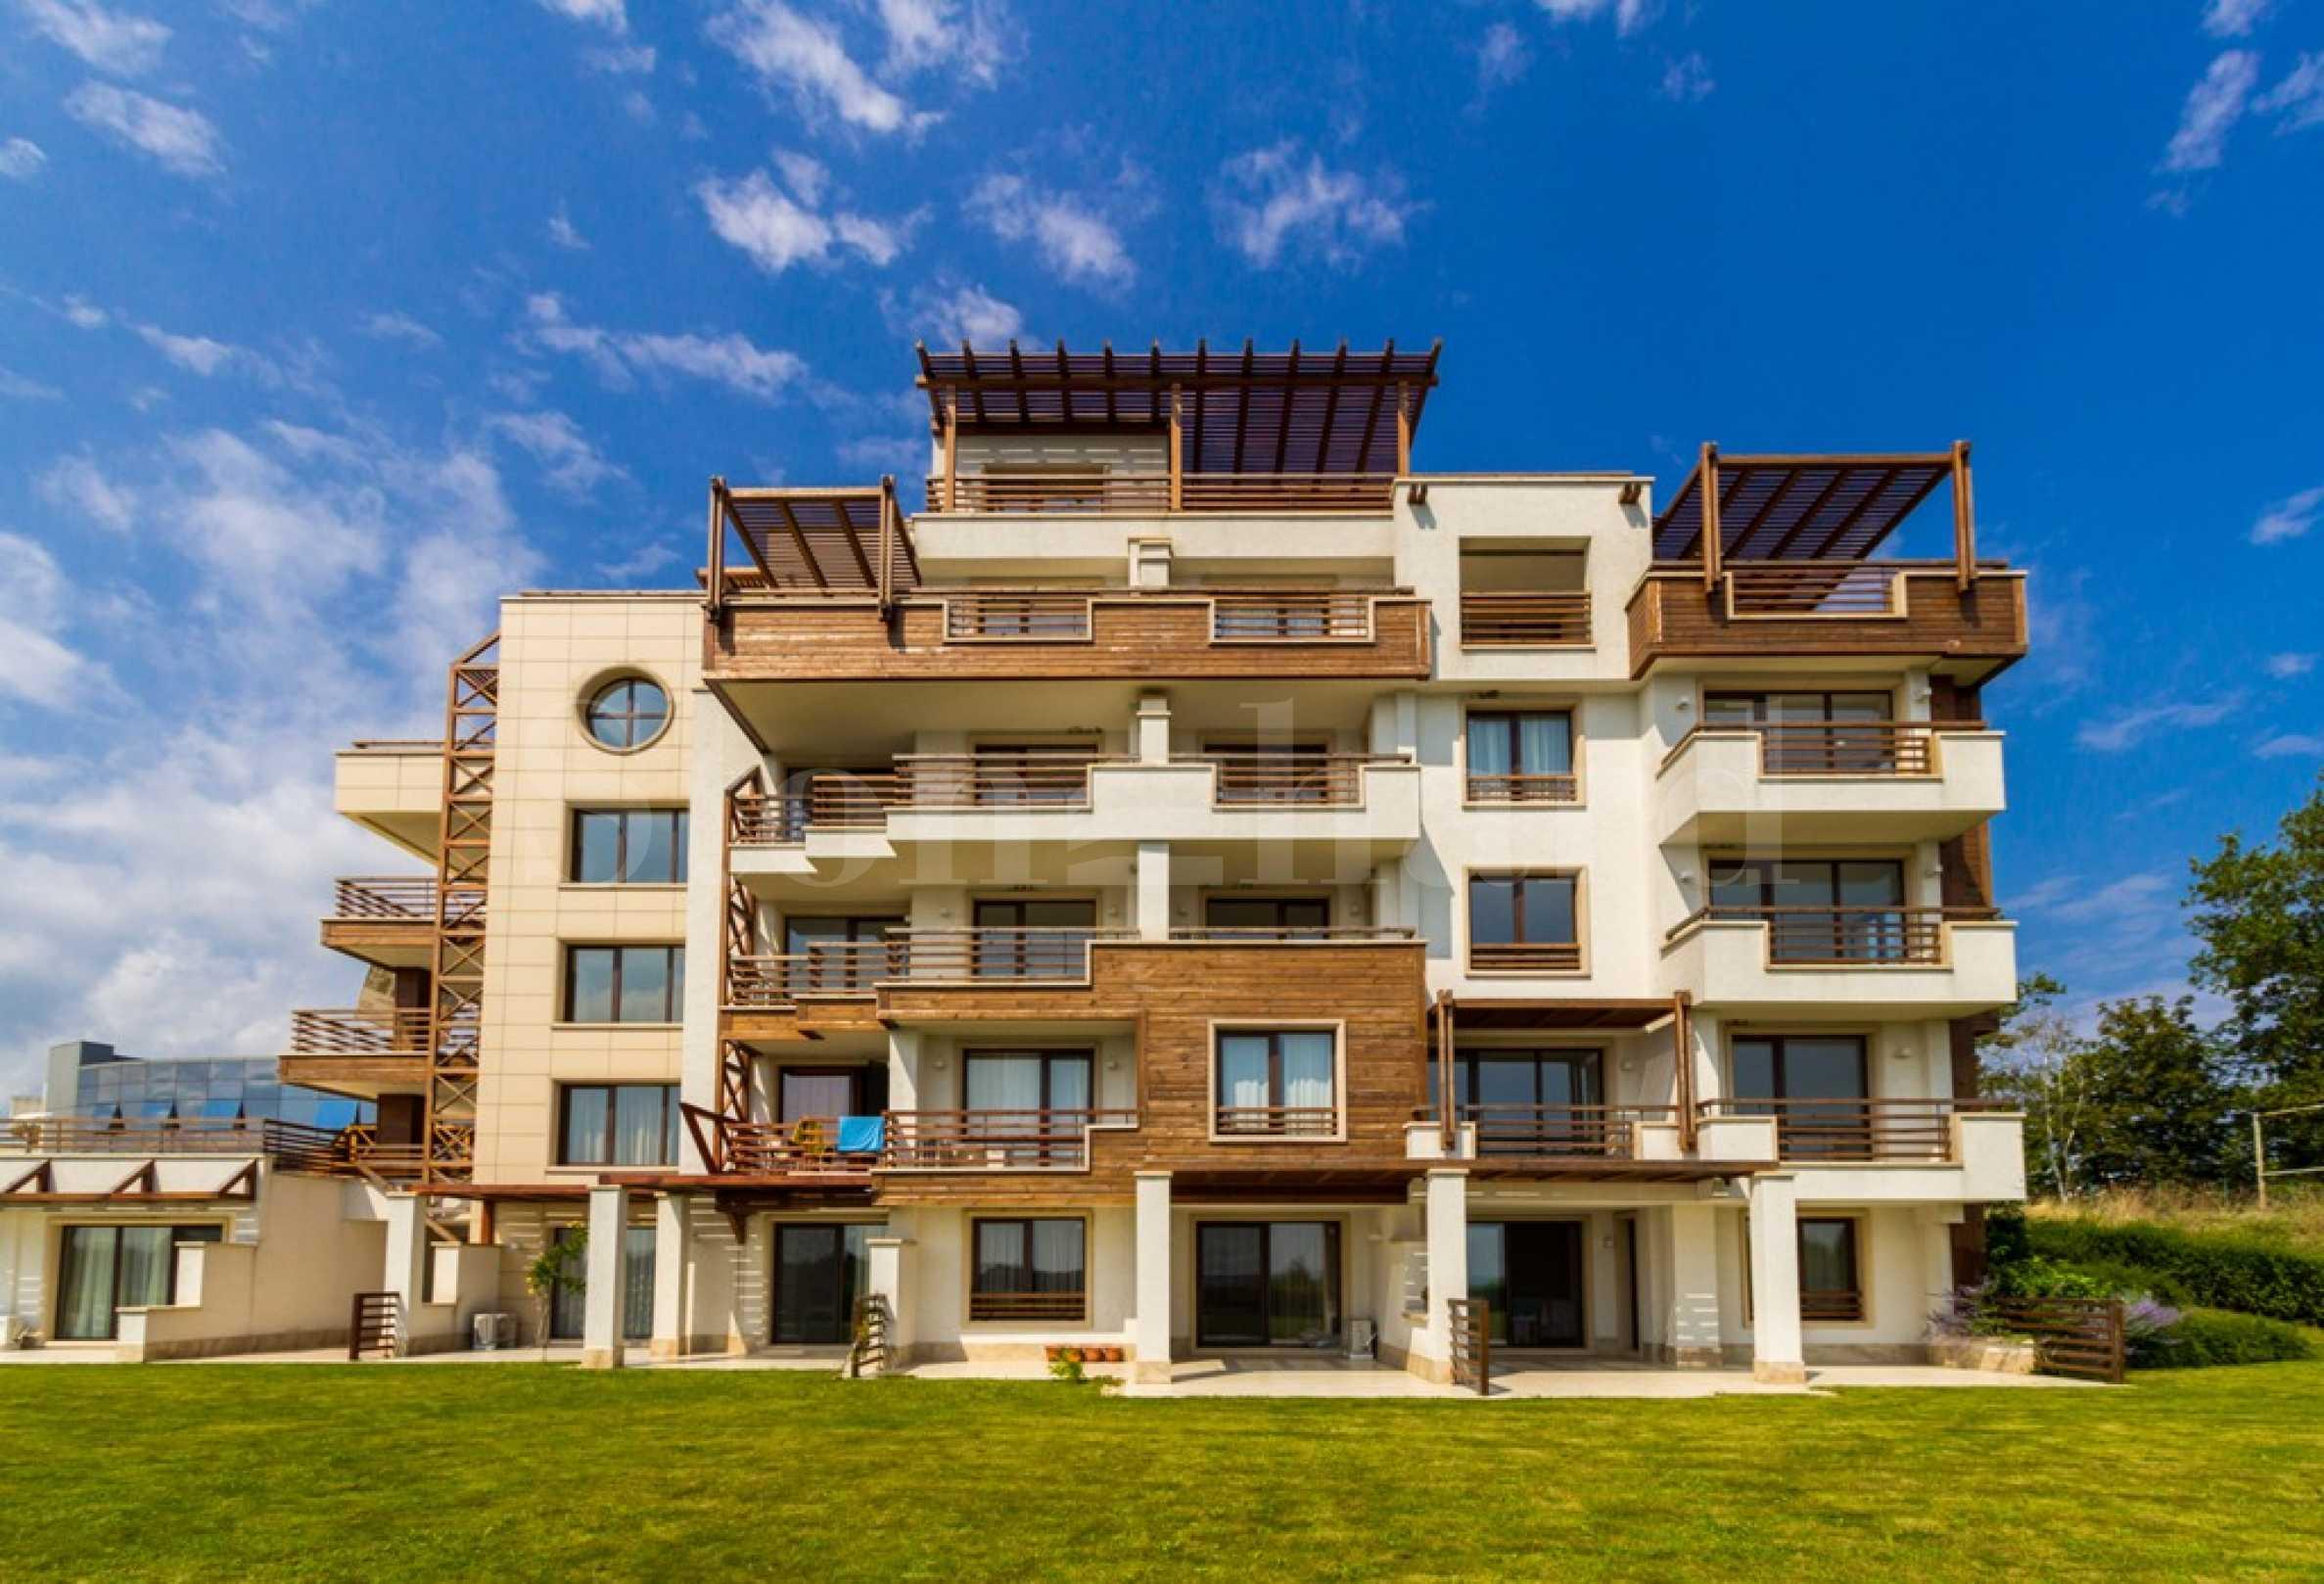 Бутикова сграда с луксозни апартаменти с гледки към морето на първа линия1 - Stonehard